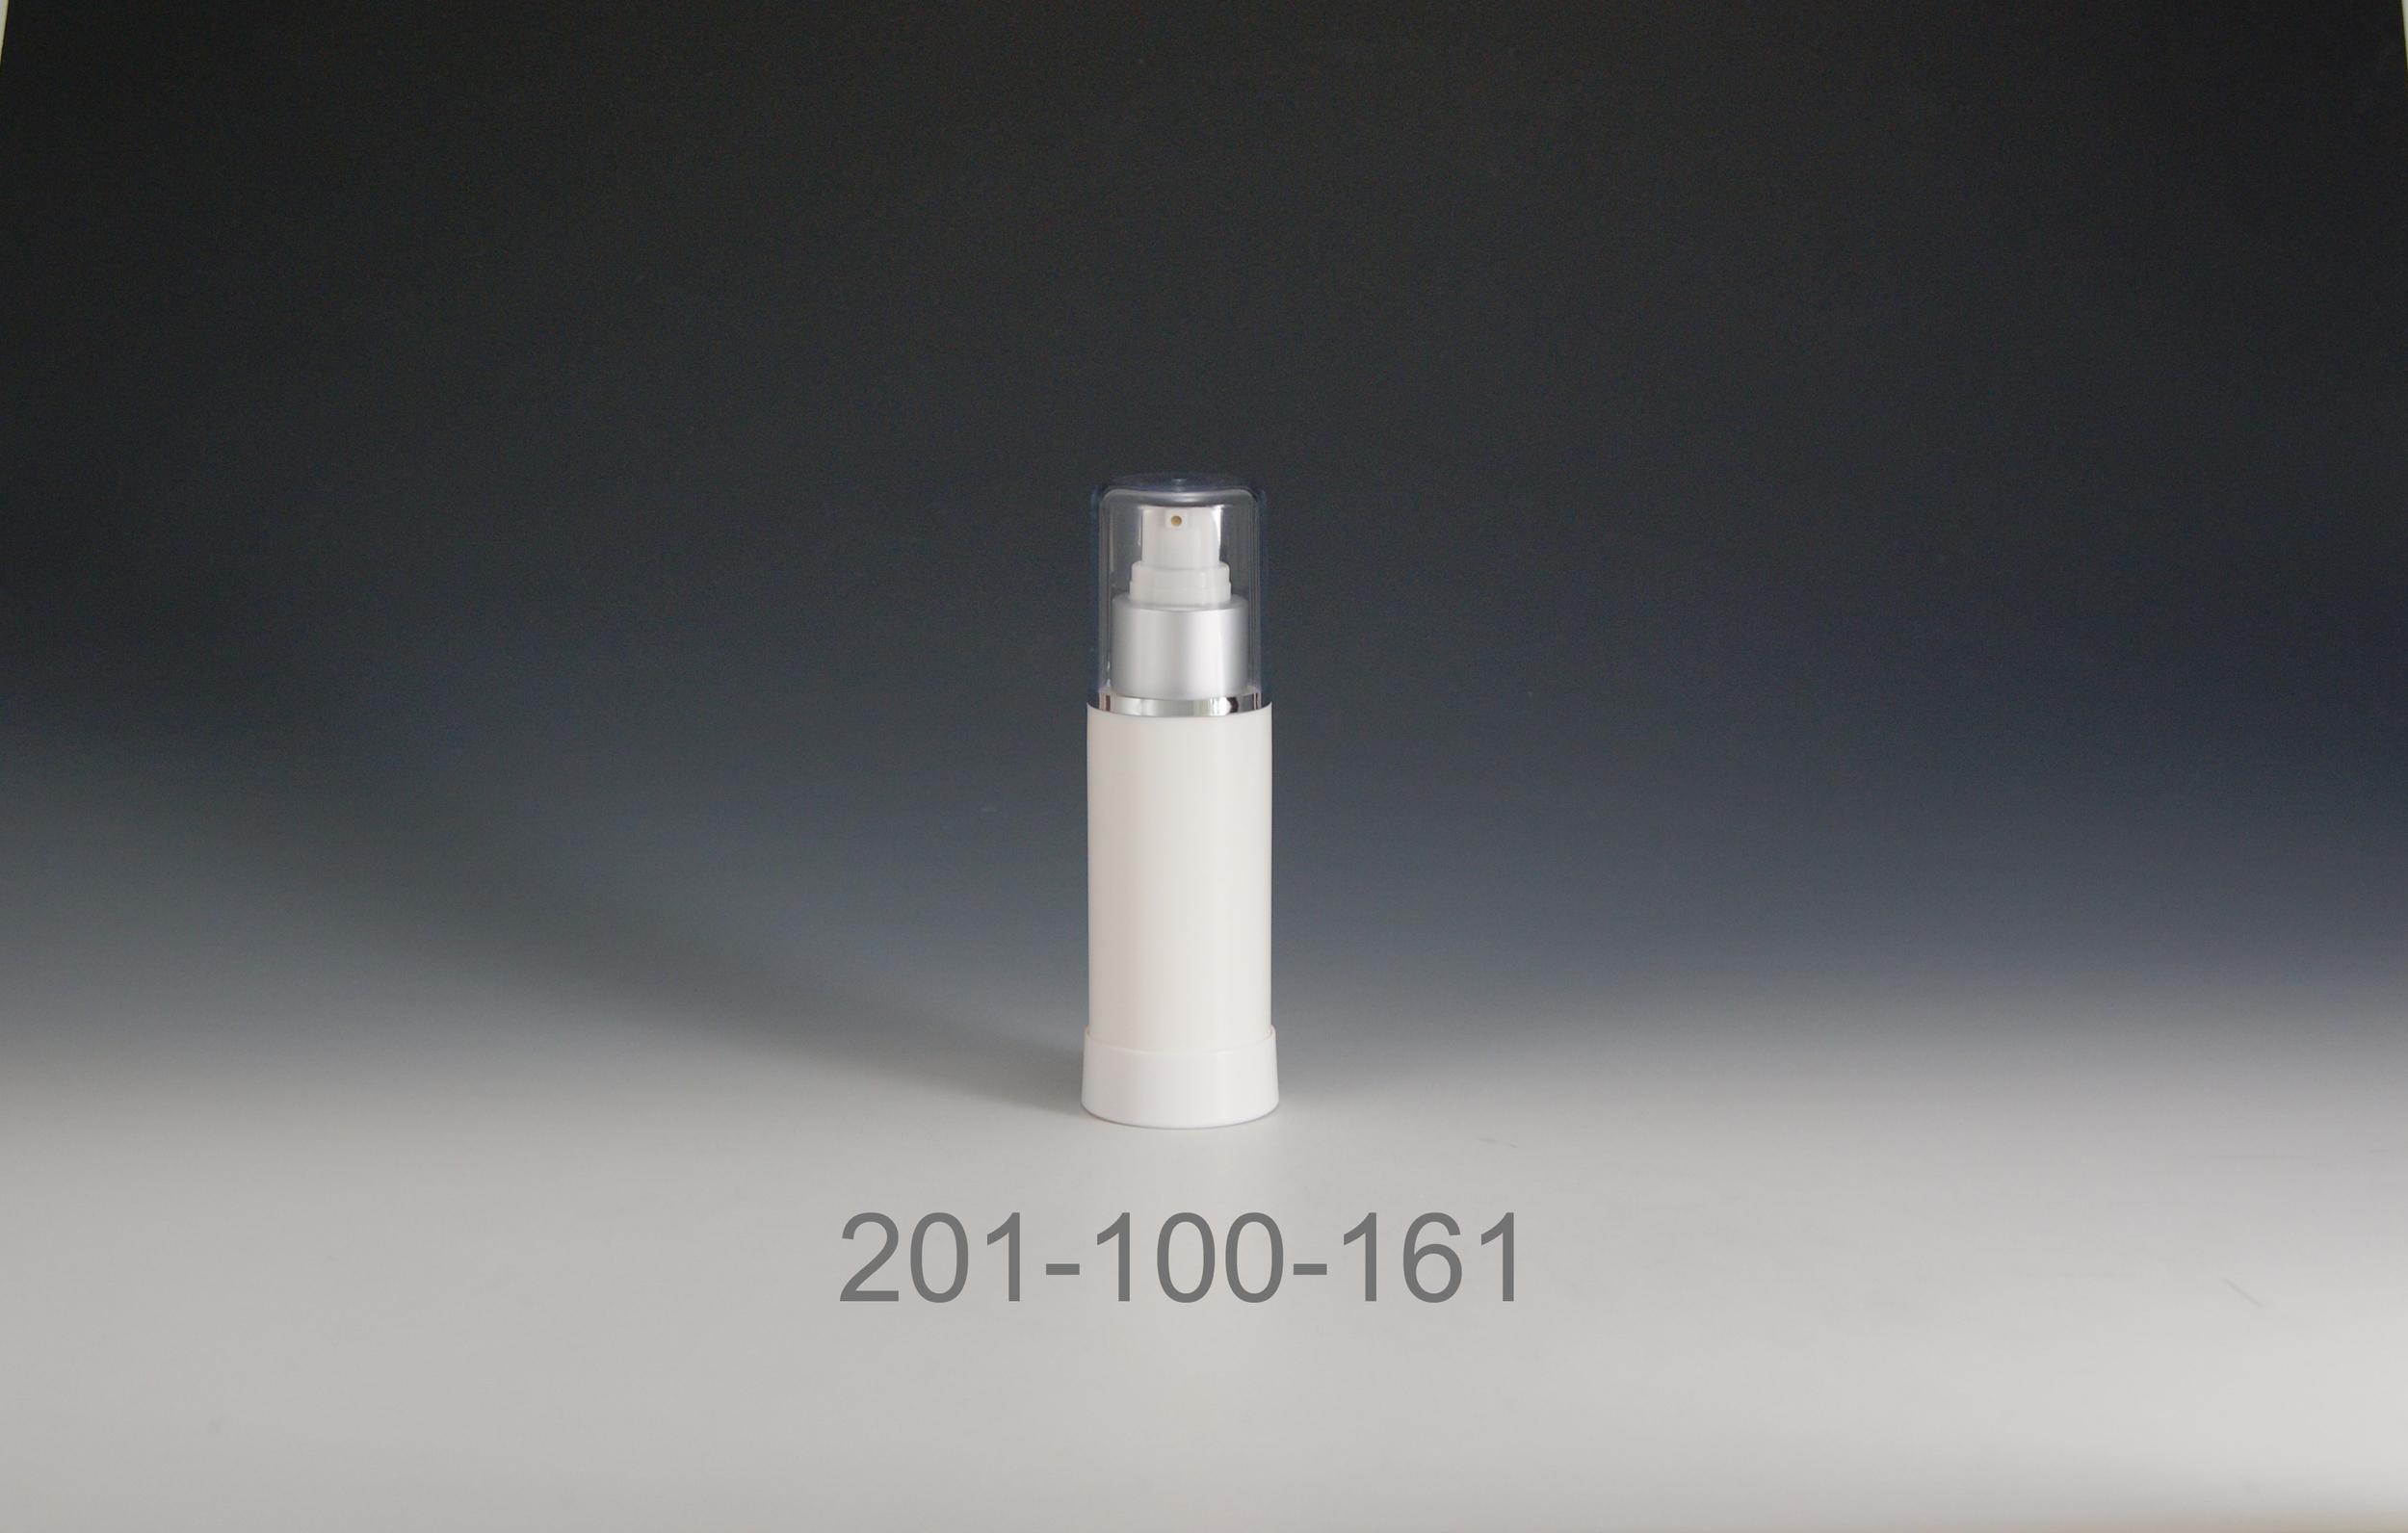 201-100-161.jpg